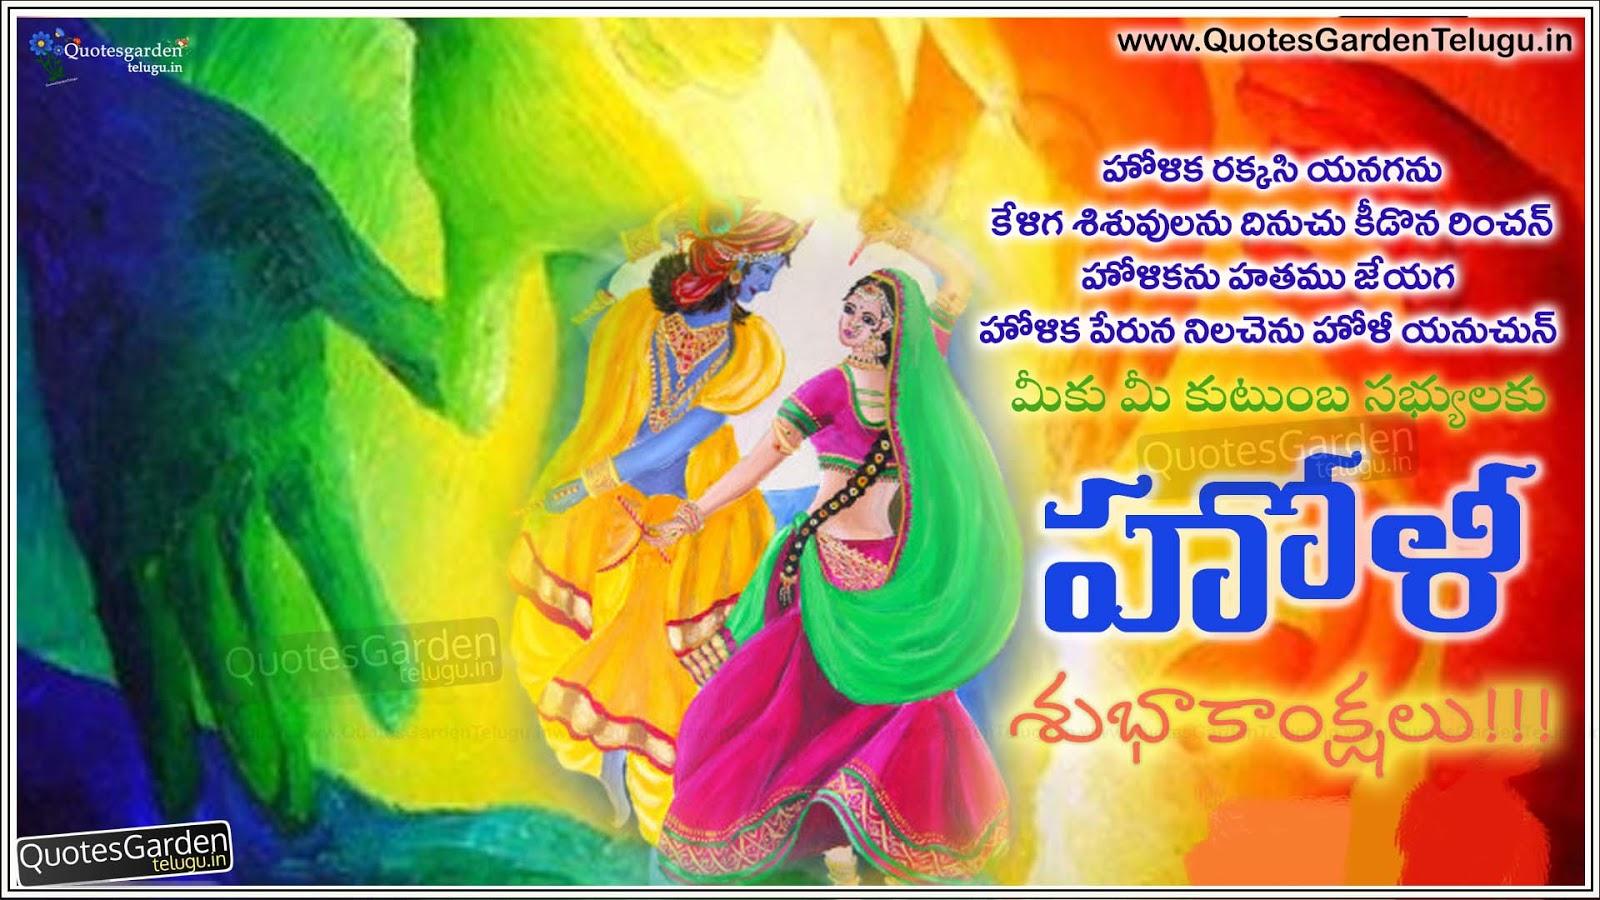 Telugu holi images telugu holi quotations telugu holi messages telugu holi kavithalu poems greetings kristyandbryce Images